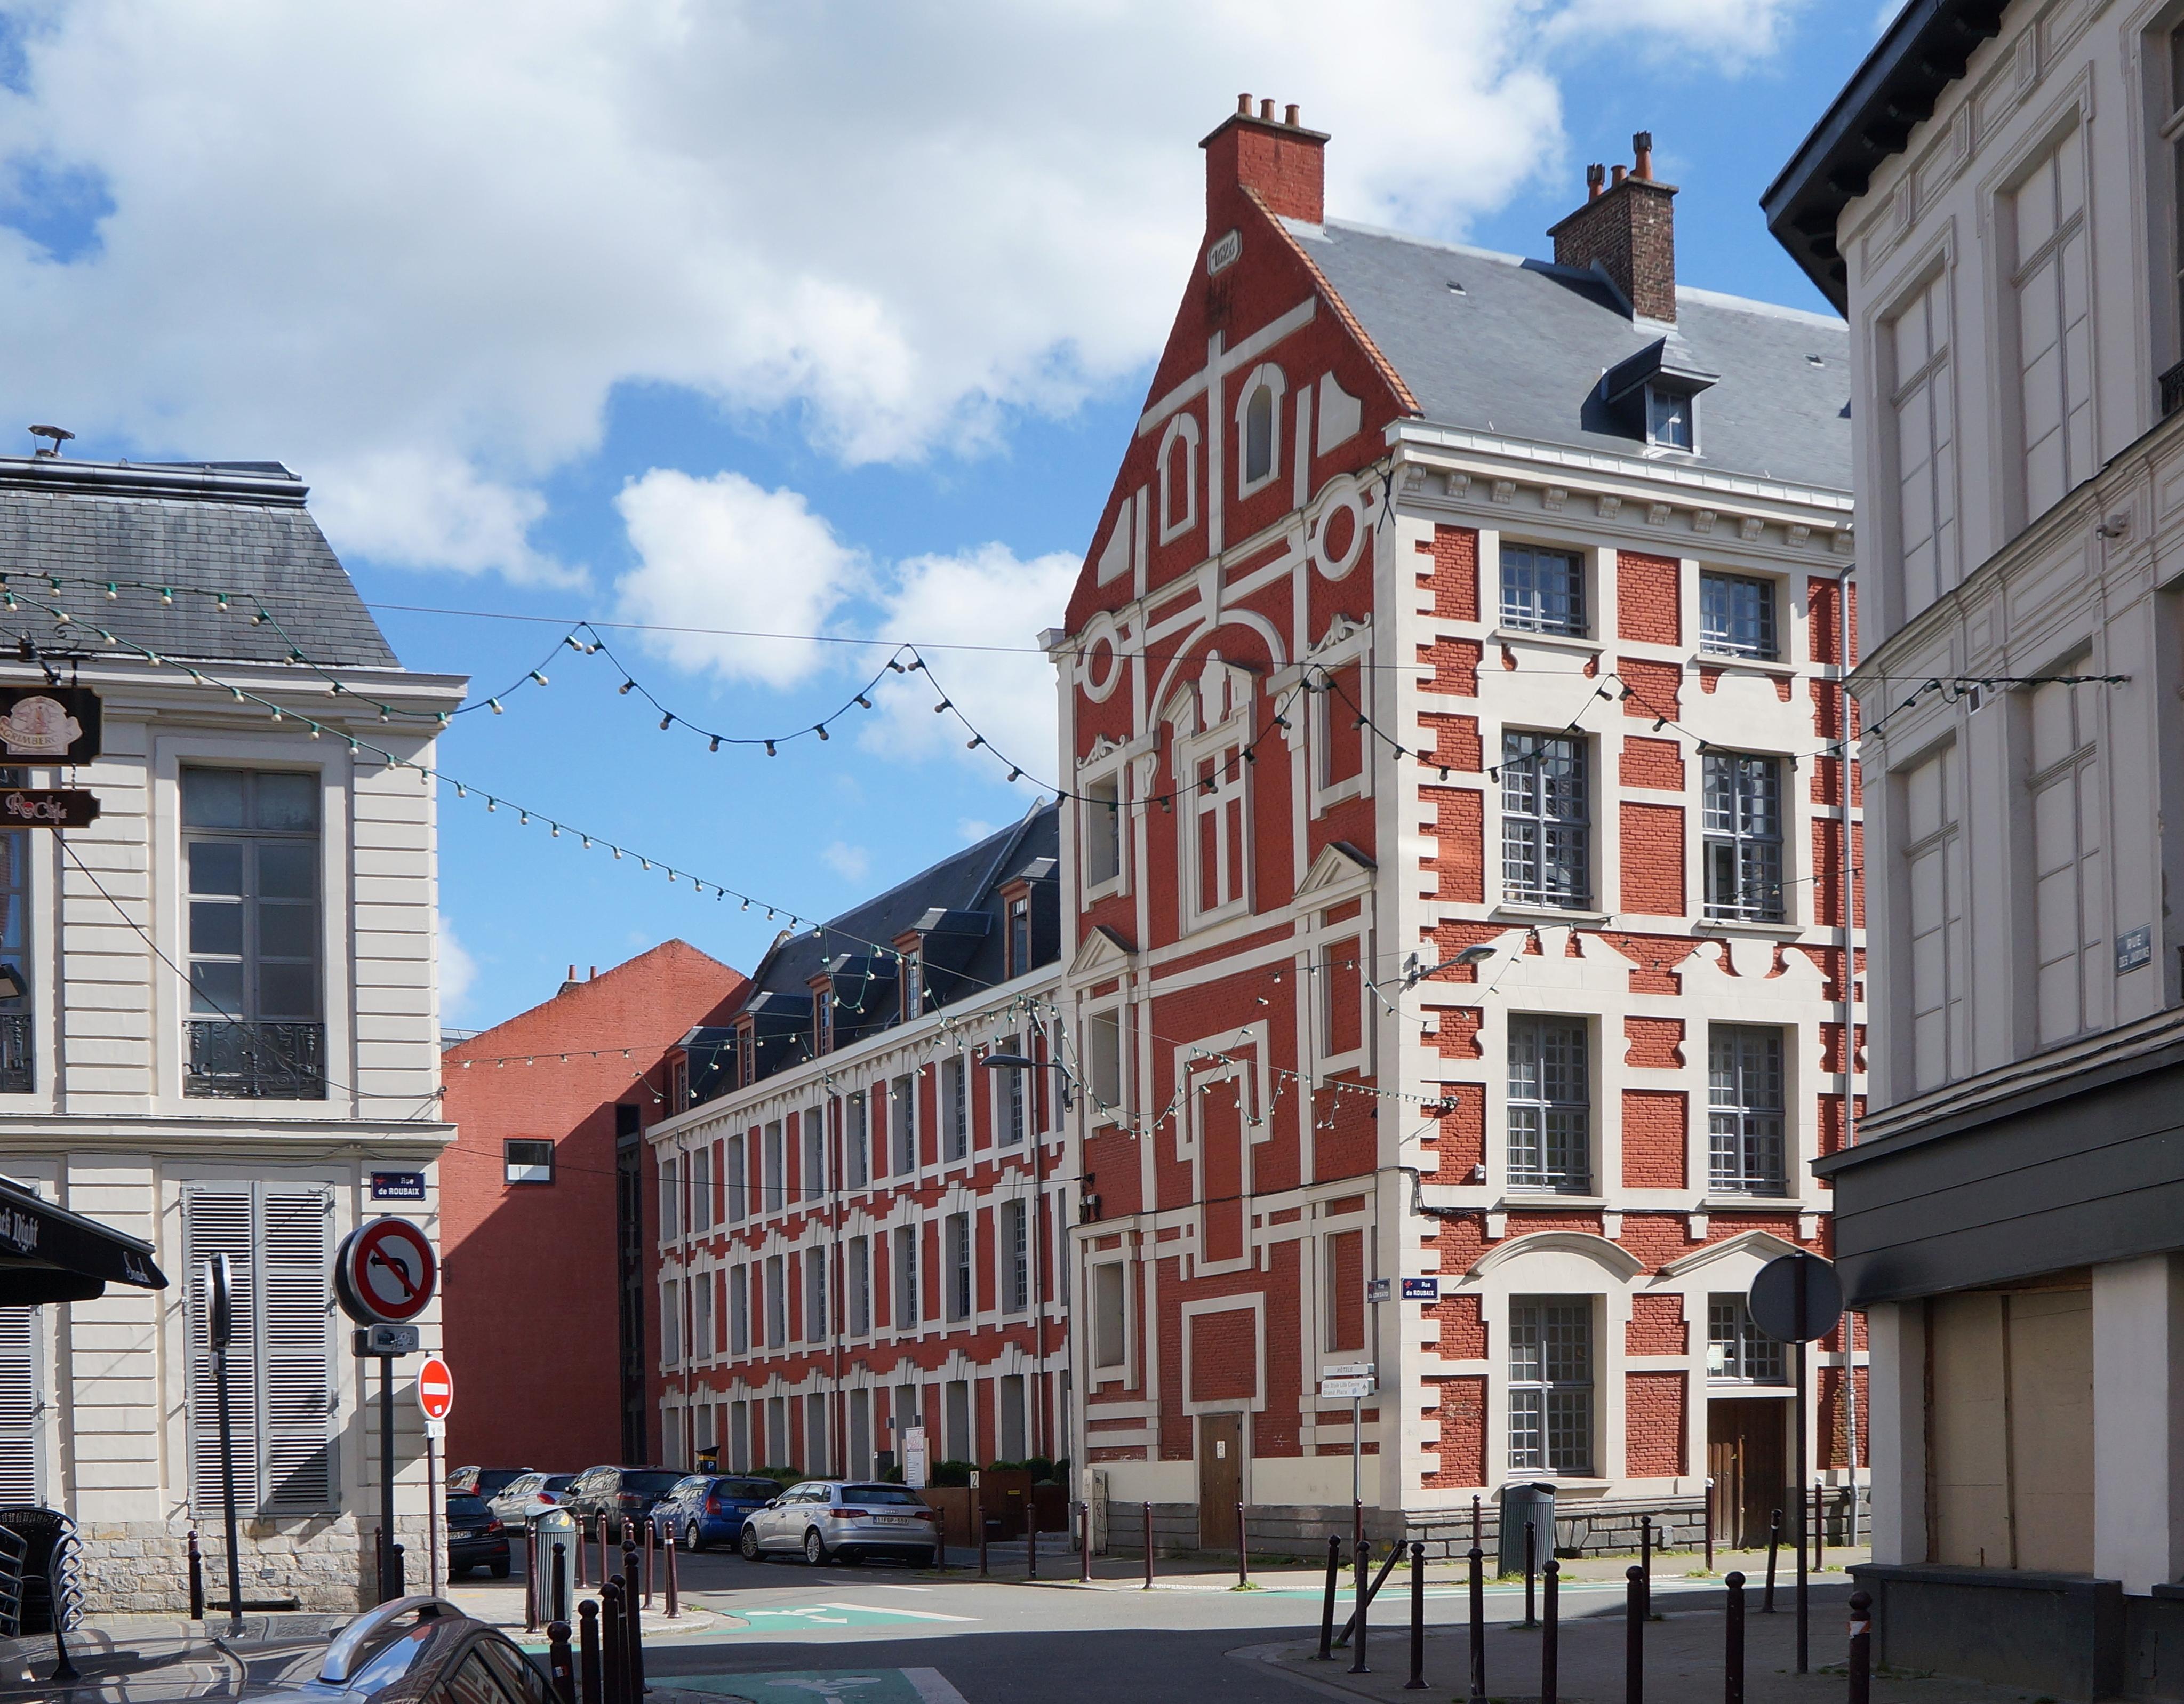 Entreprise Générale Du Batiment Lille rue du lombard (lille) — wikipédia